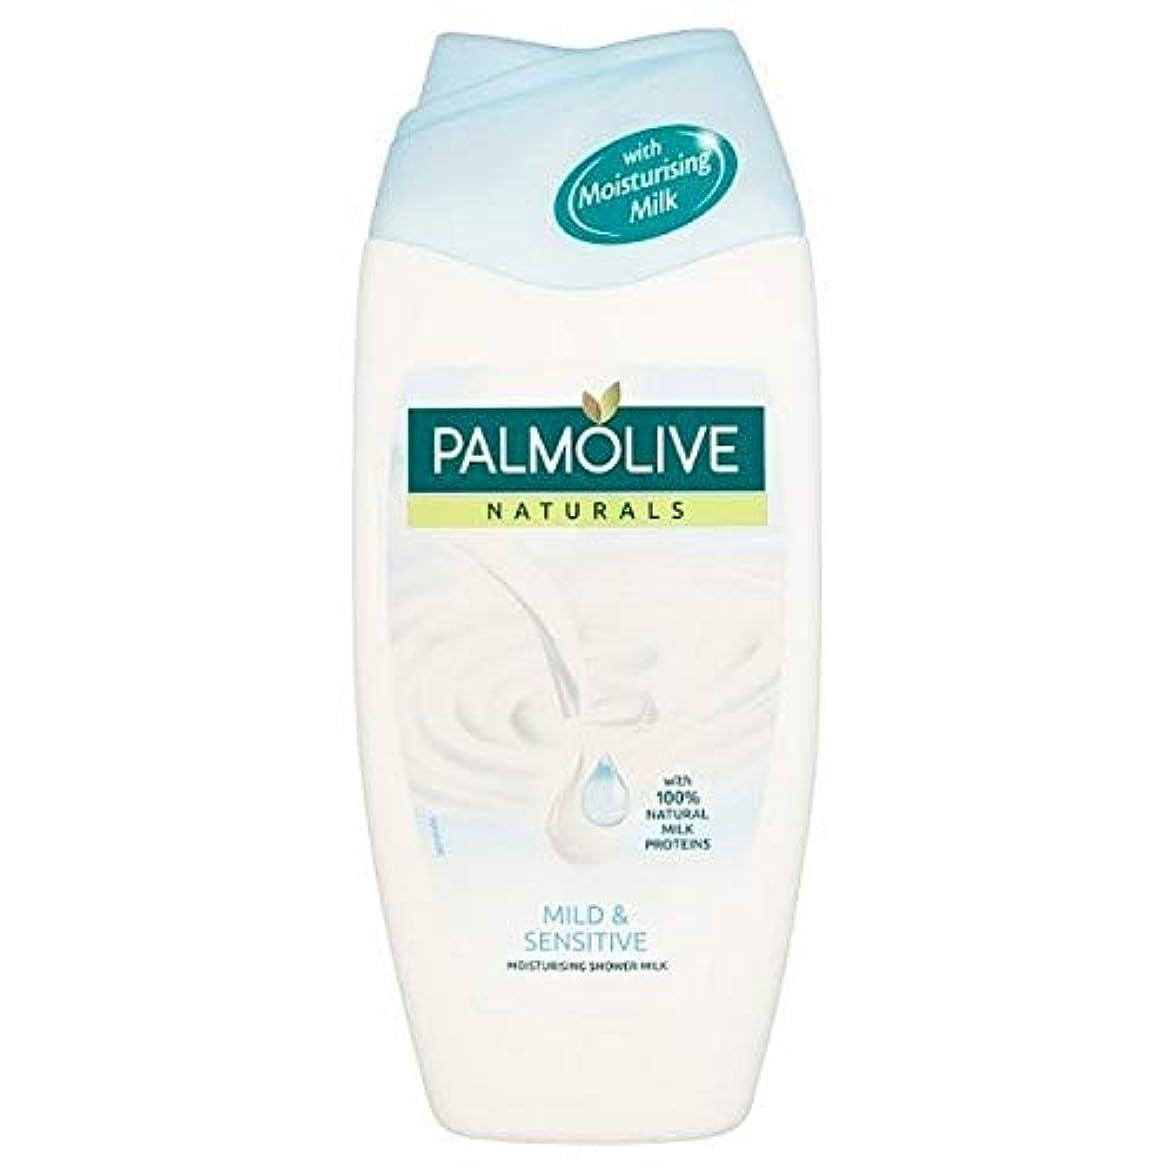 勧告立場自明[Palmolive ] パルモライブナチュラル敏感肌シャワージェルクリーム250ミリリットル - Palmolive Naturals Sensitive Skin Shower Gel Cream 250ml [並行輸入品]